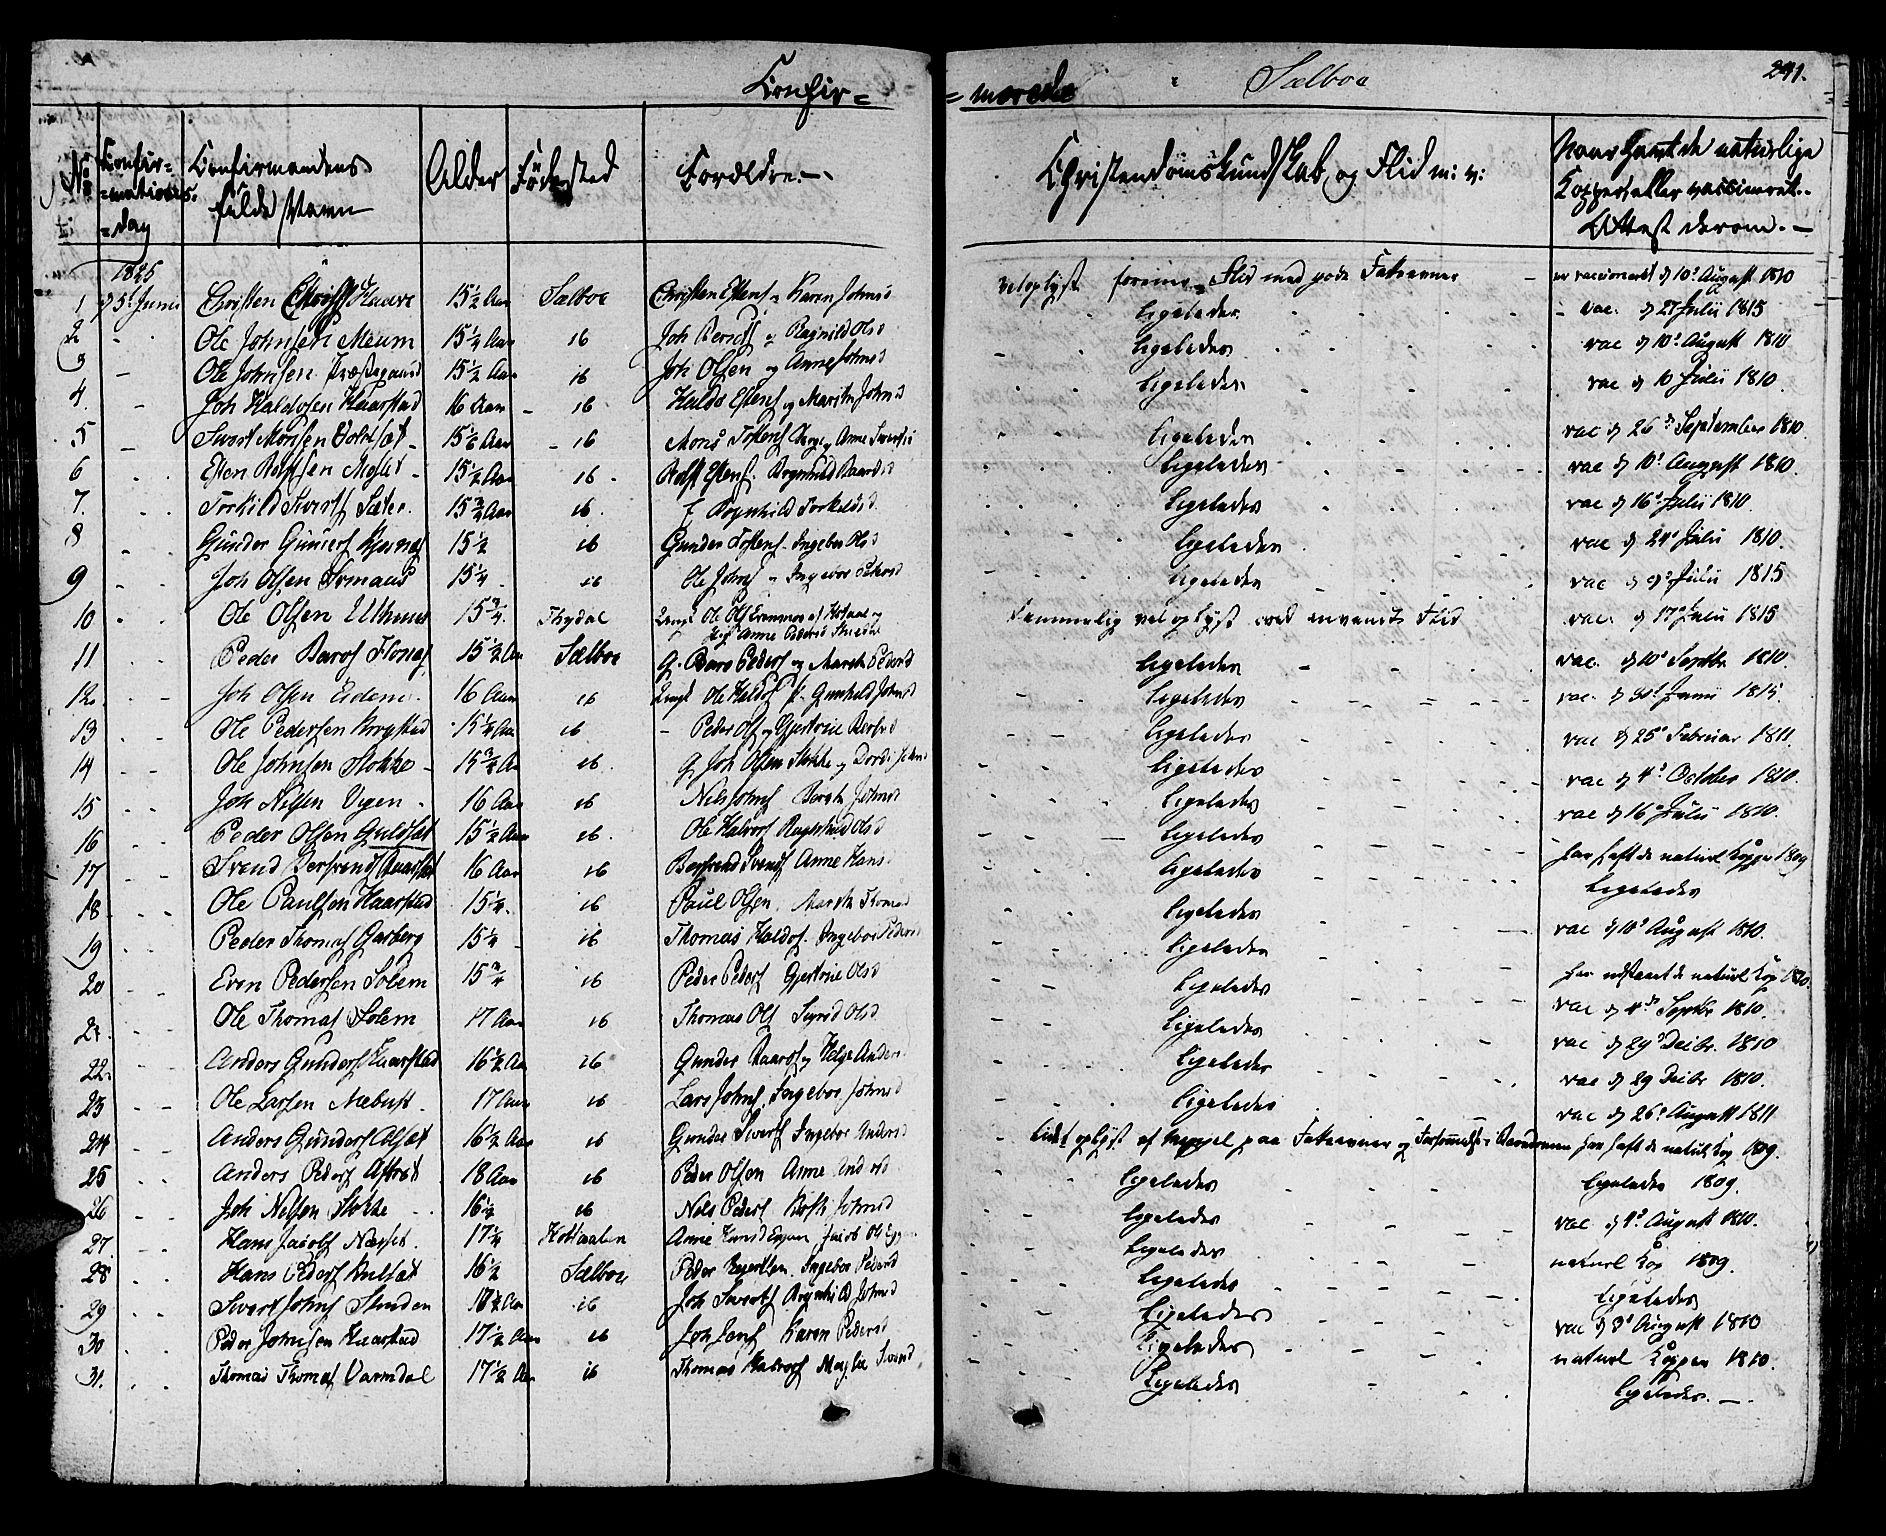 SAT, Ministerialprotokoller, klokkerbøker og fødselsregistre - Sør-Trøndelag, 695/L1143: Ministerialbok nr. 695A05 /1, 1824-1842, s. 241